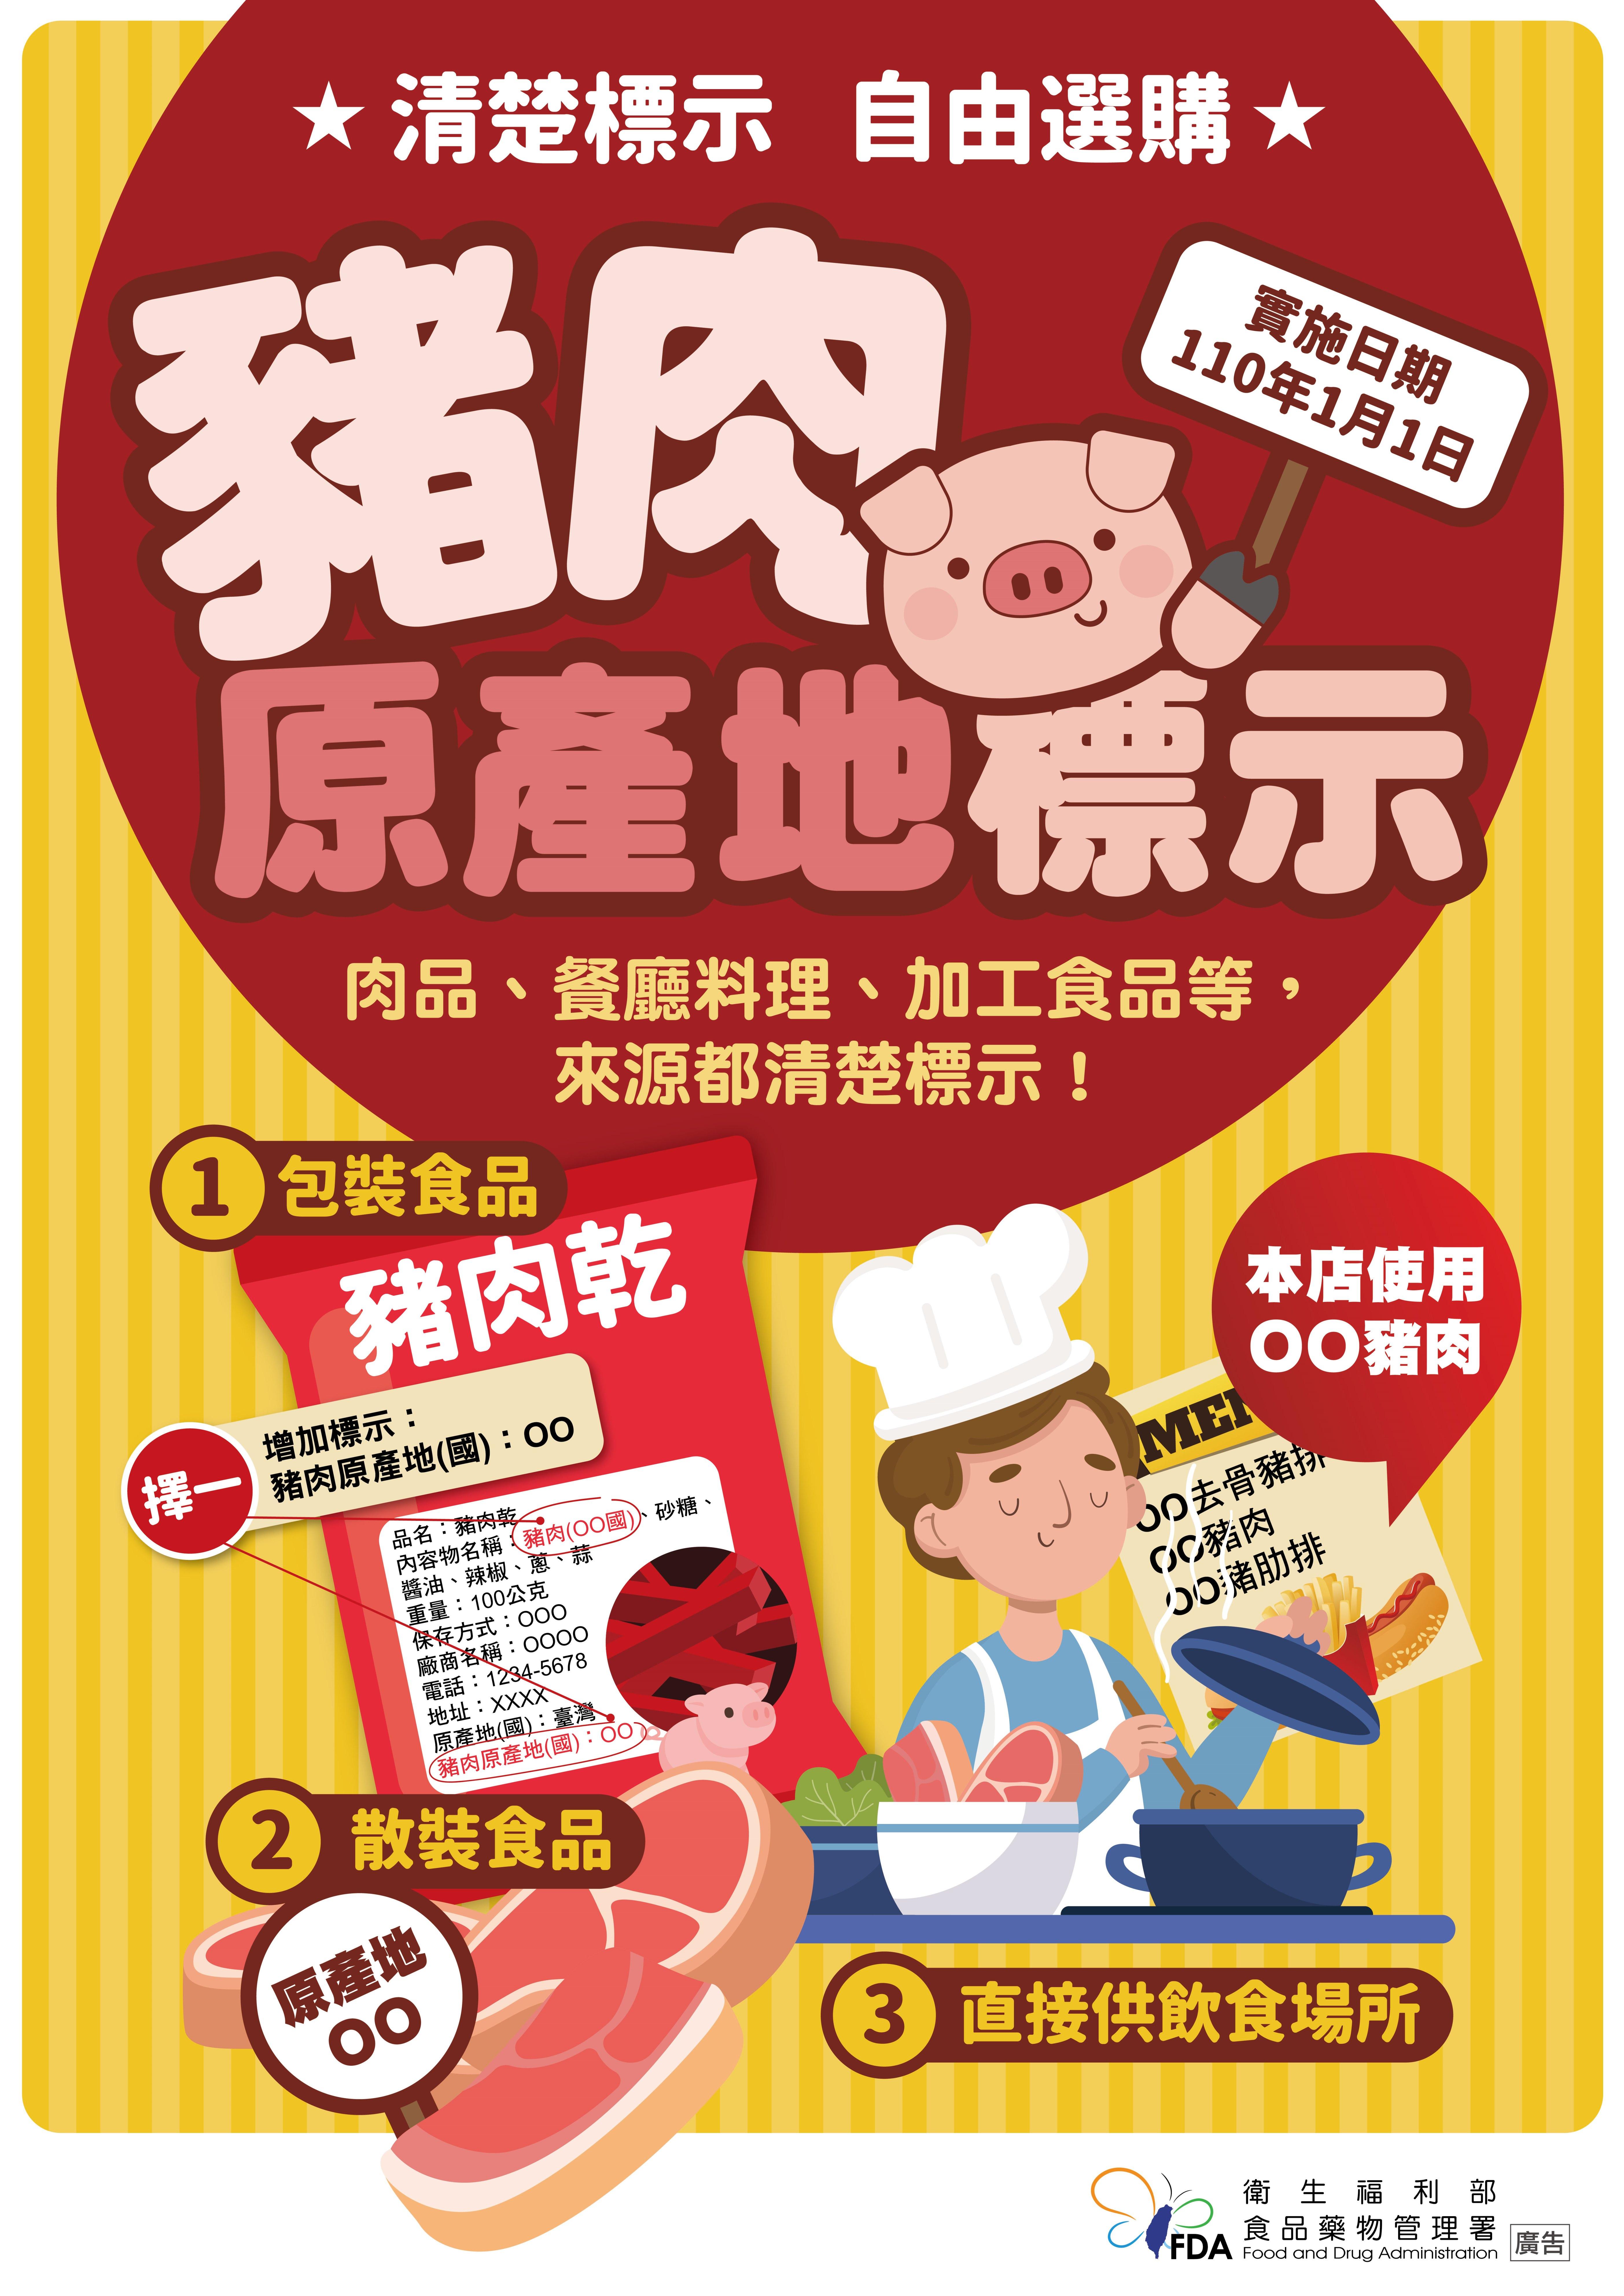 豬肉原料原產地標示規定宣導-懶人包